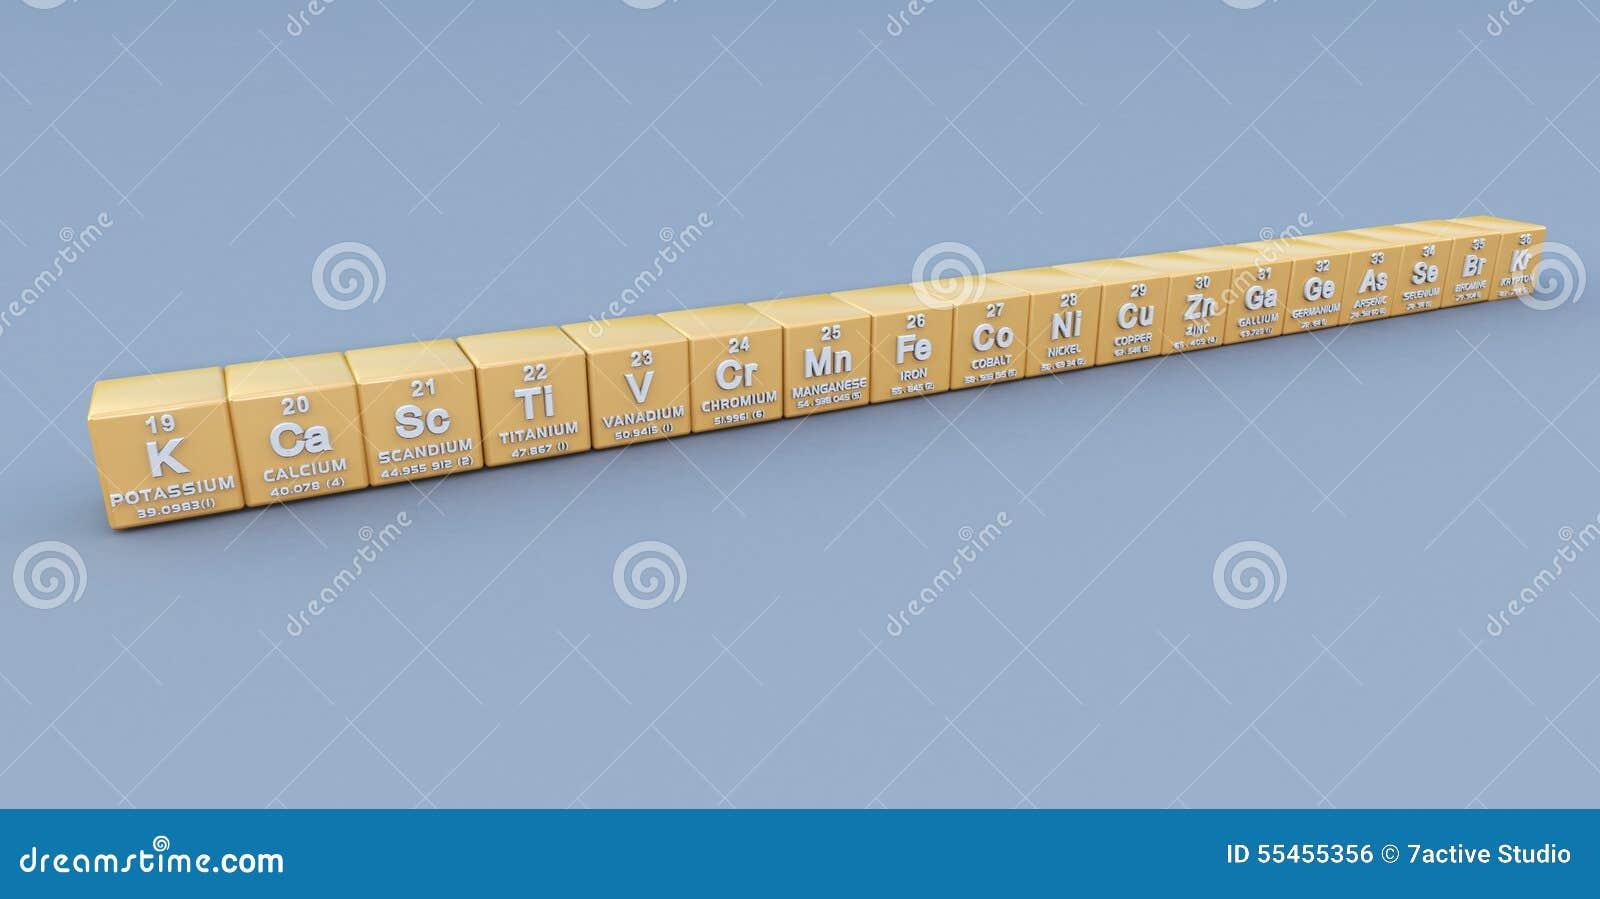 4to perodo de la tabla peridica stock de ilustracin ilustracin download 4to perodo de la tabla peridica stock de ilustracin ilustracin de educacin colores urtaz Choice Image